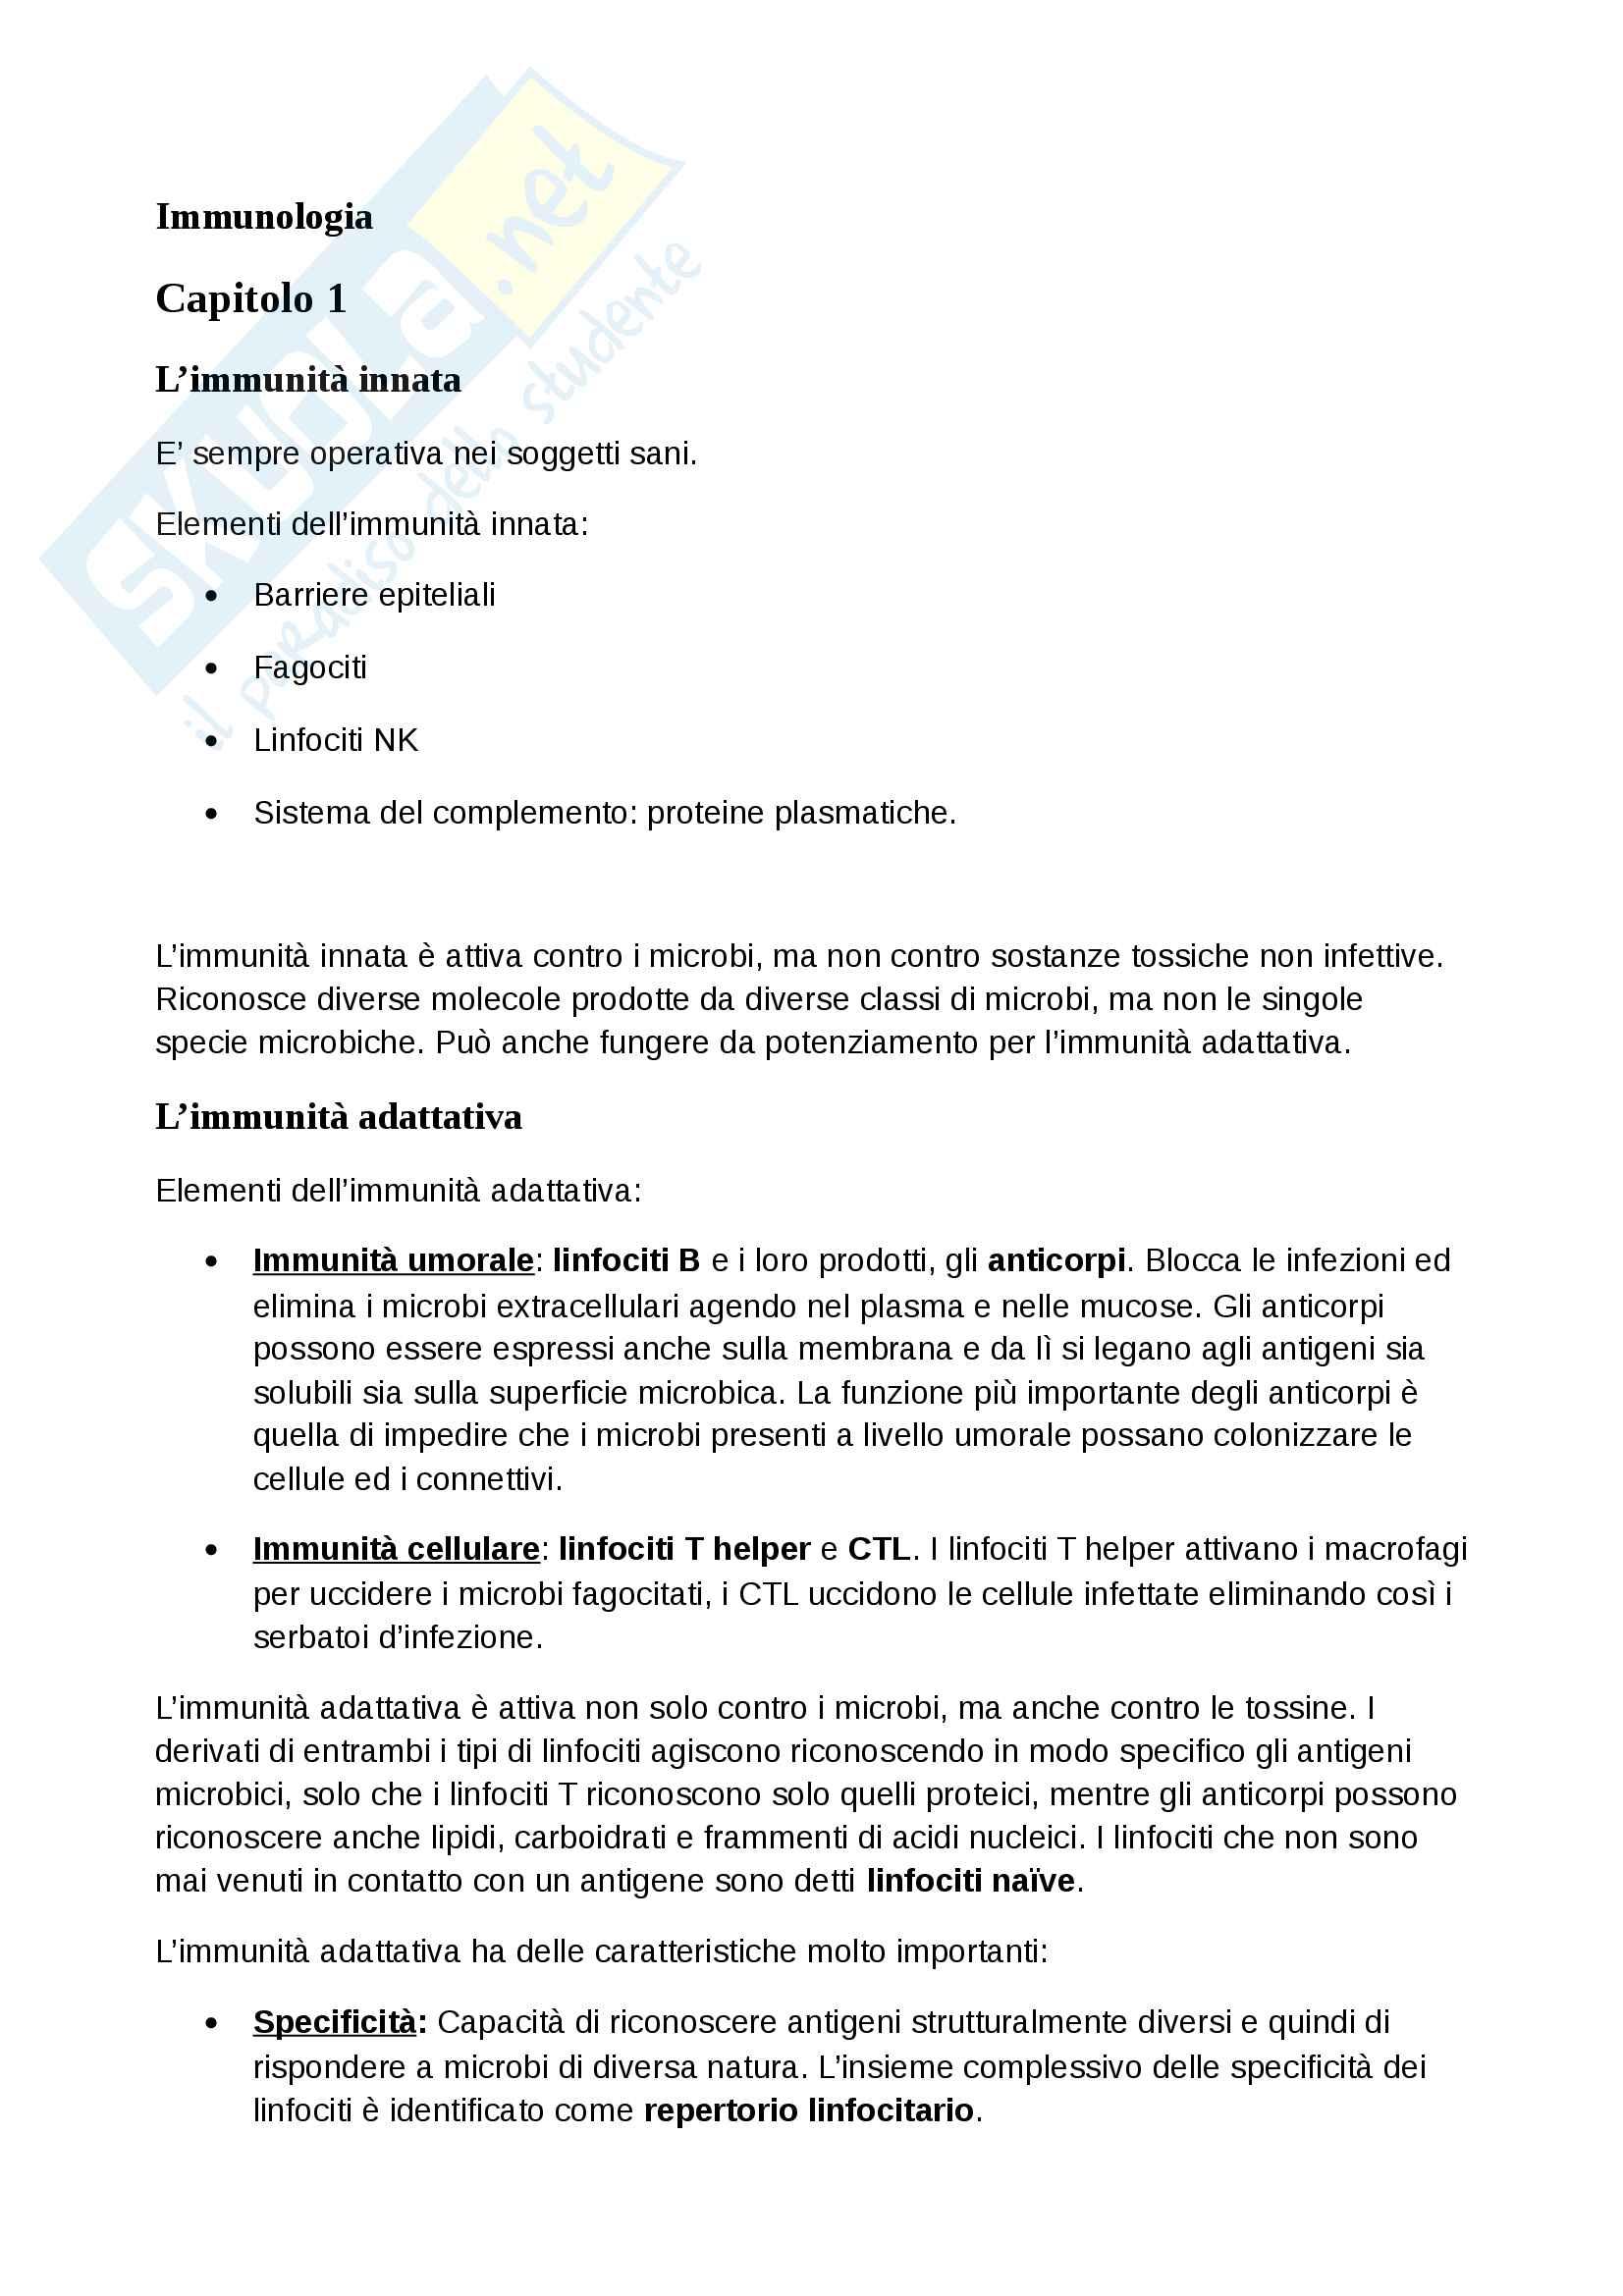 Appunti di immunologia Unimi